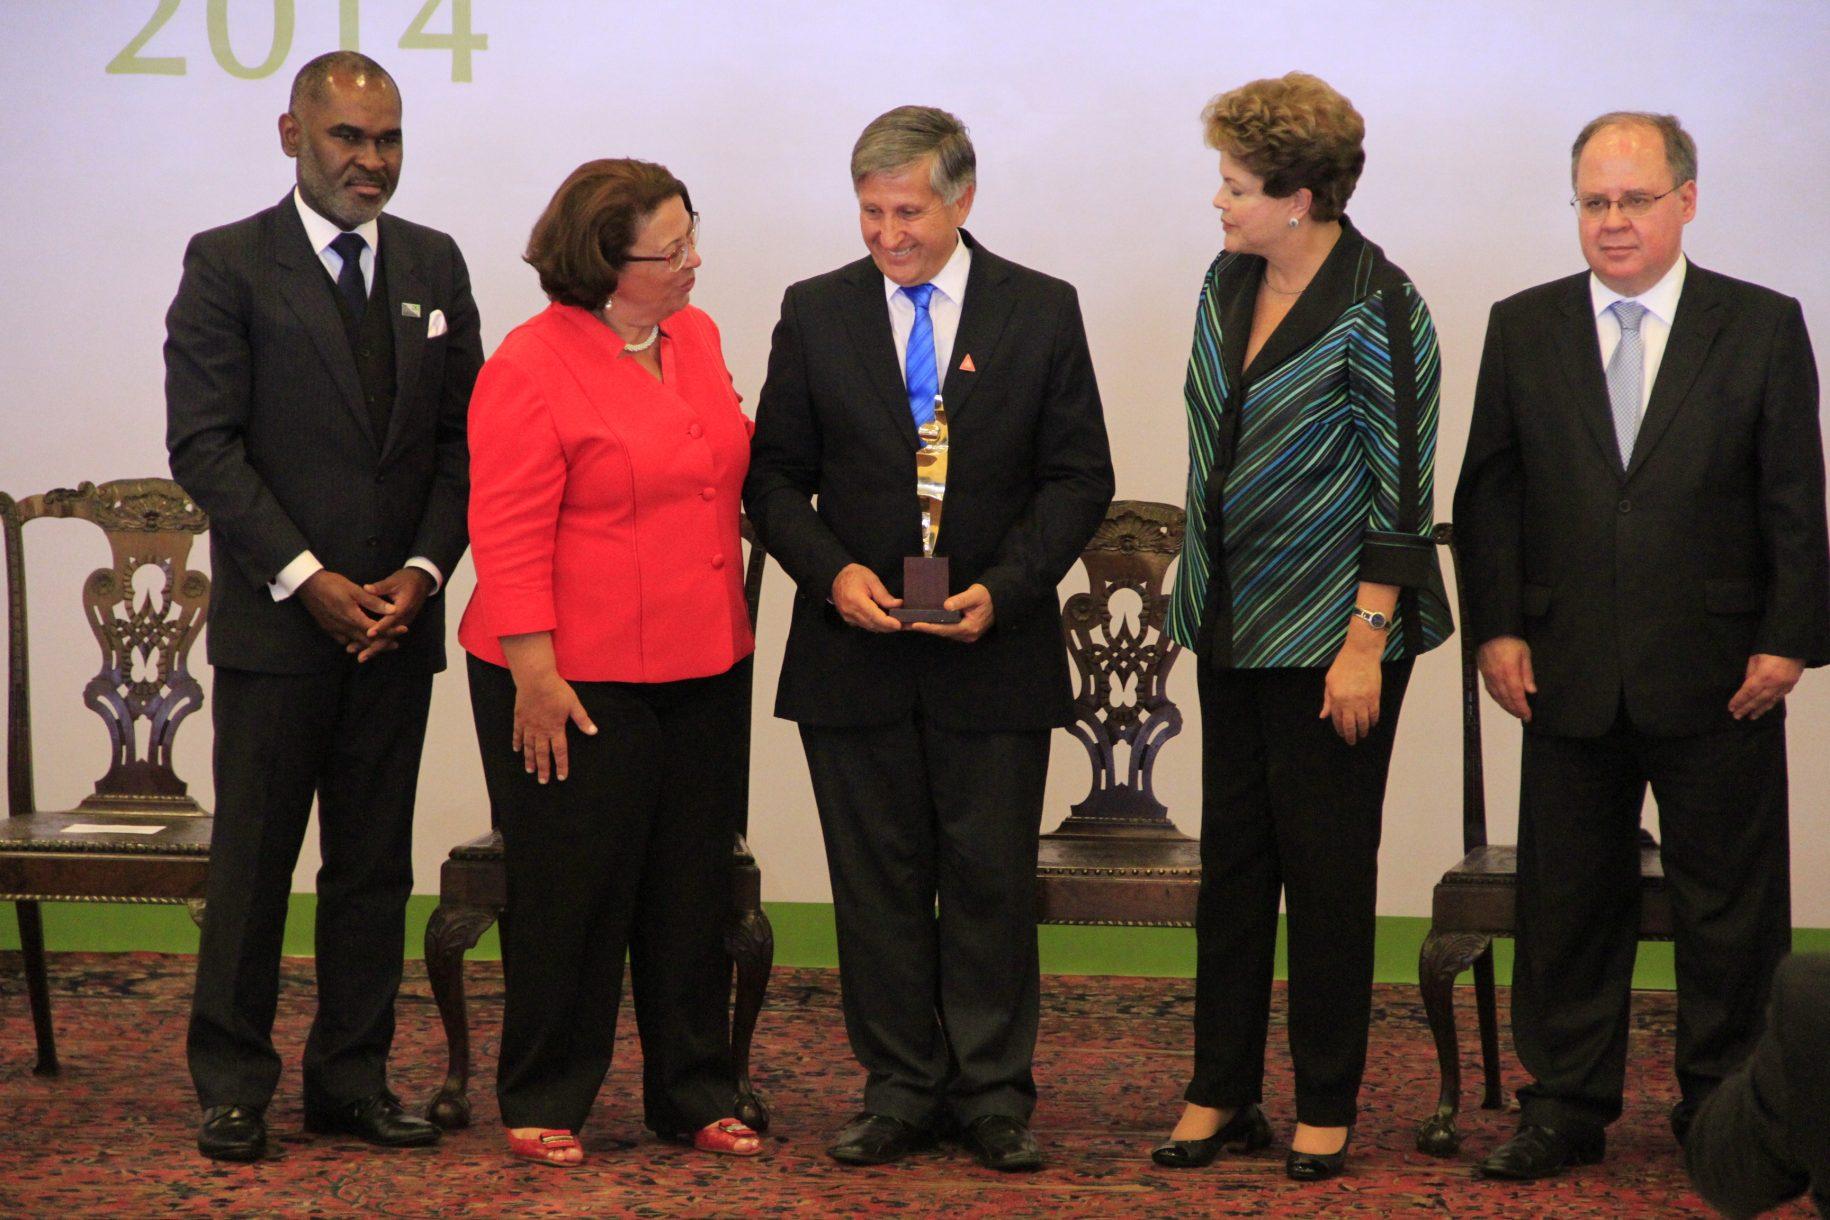 José Fernandes recebendo o PRÊMIO DIREITOS HUMANOS EM BRASÍLIA das mãos da presidente